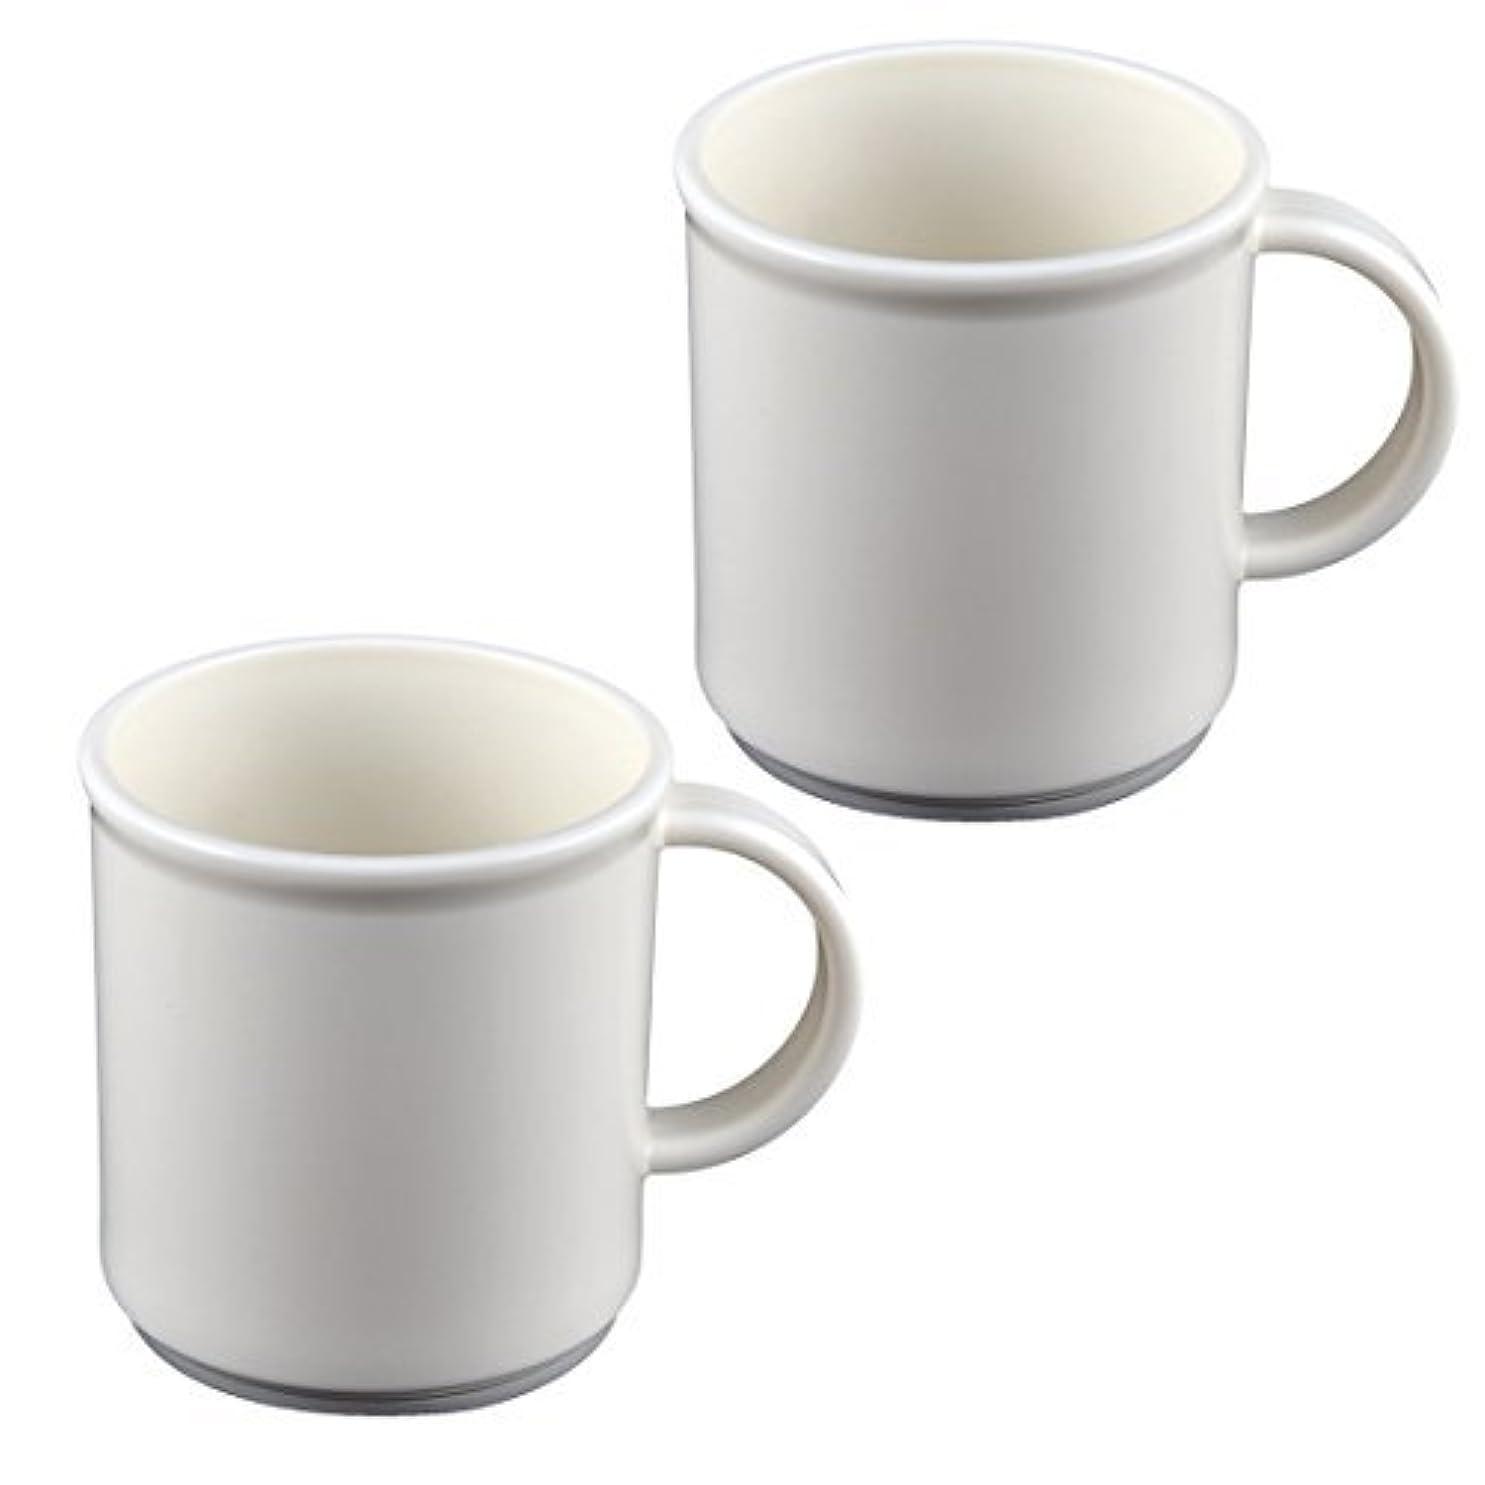 花束言い聞かせる傾向があるDealMuxバスアクセサリーブラシカップ歯ブラシ歯磨き粉ホルダー2個ホワイト